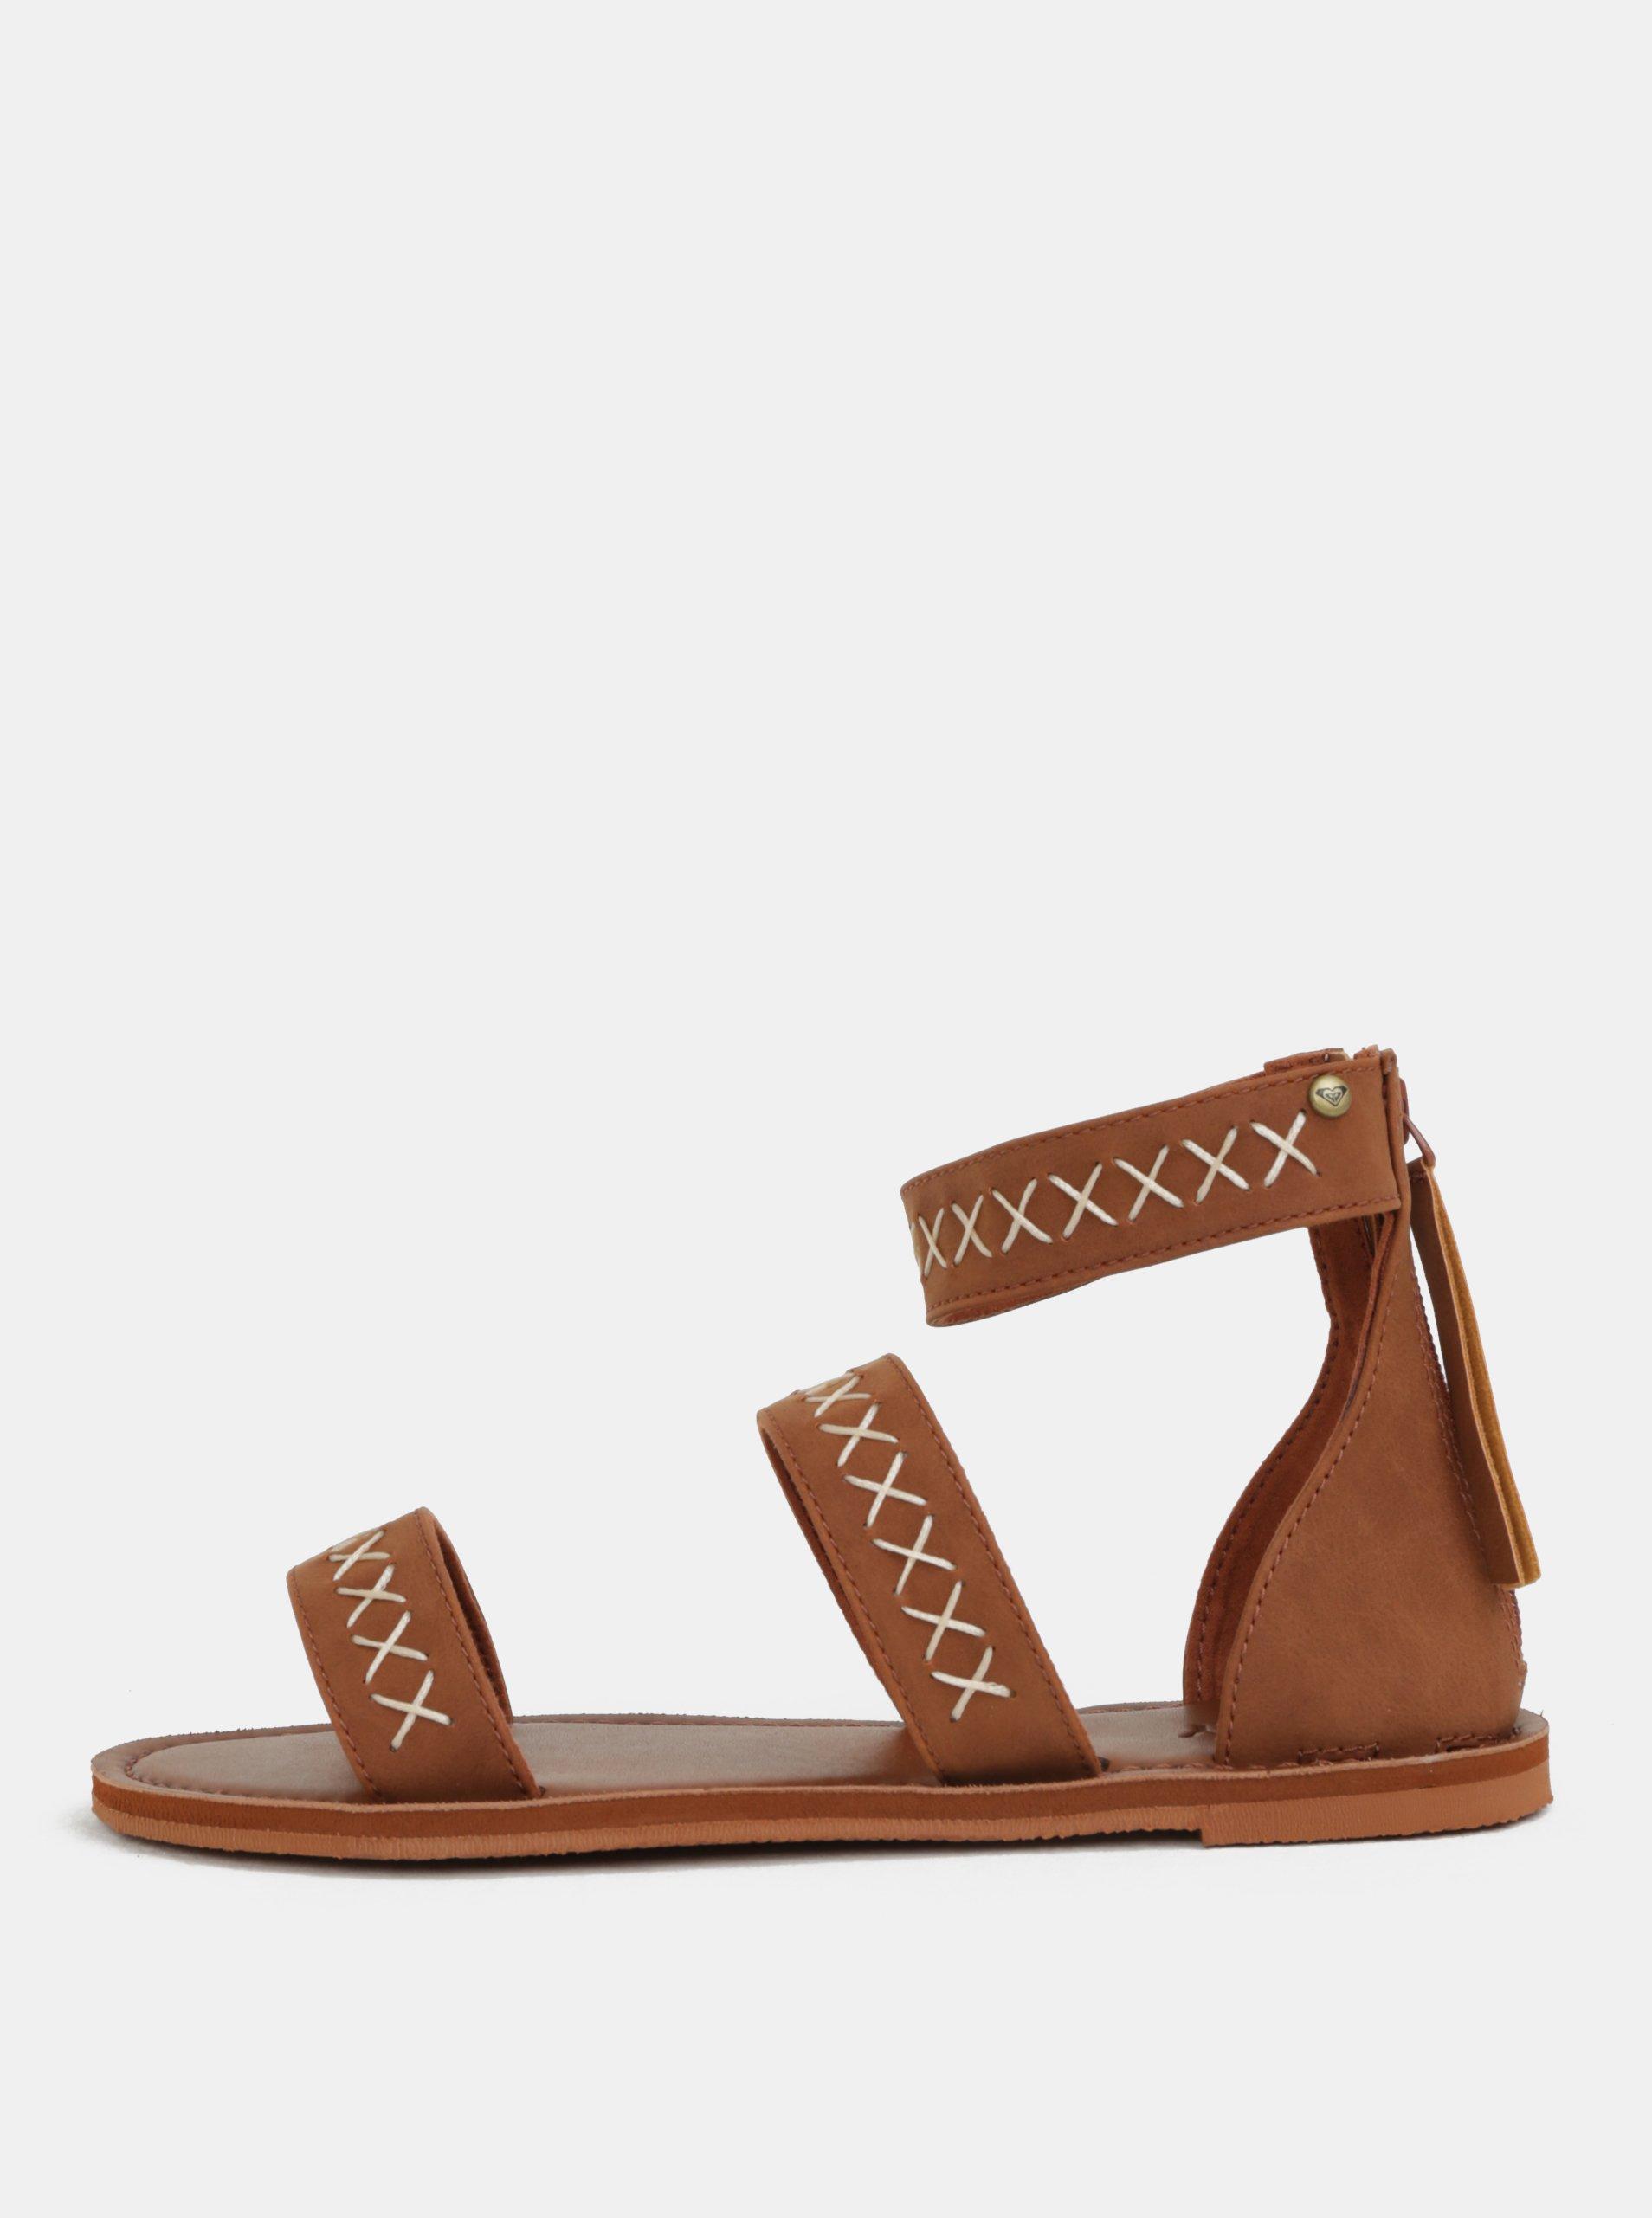 Hnědé dámské sandály s prošívaným vzorem Roxy Natalie